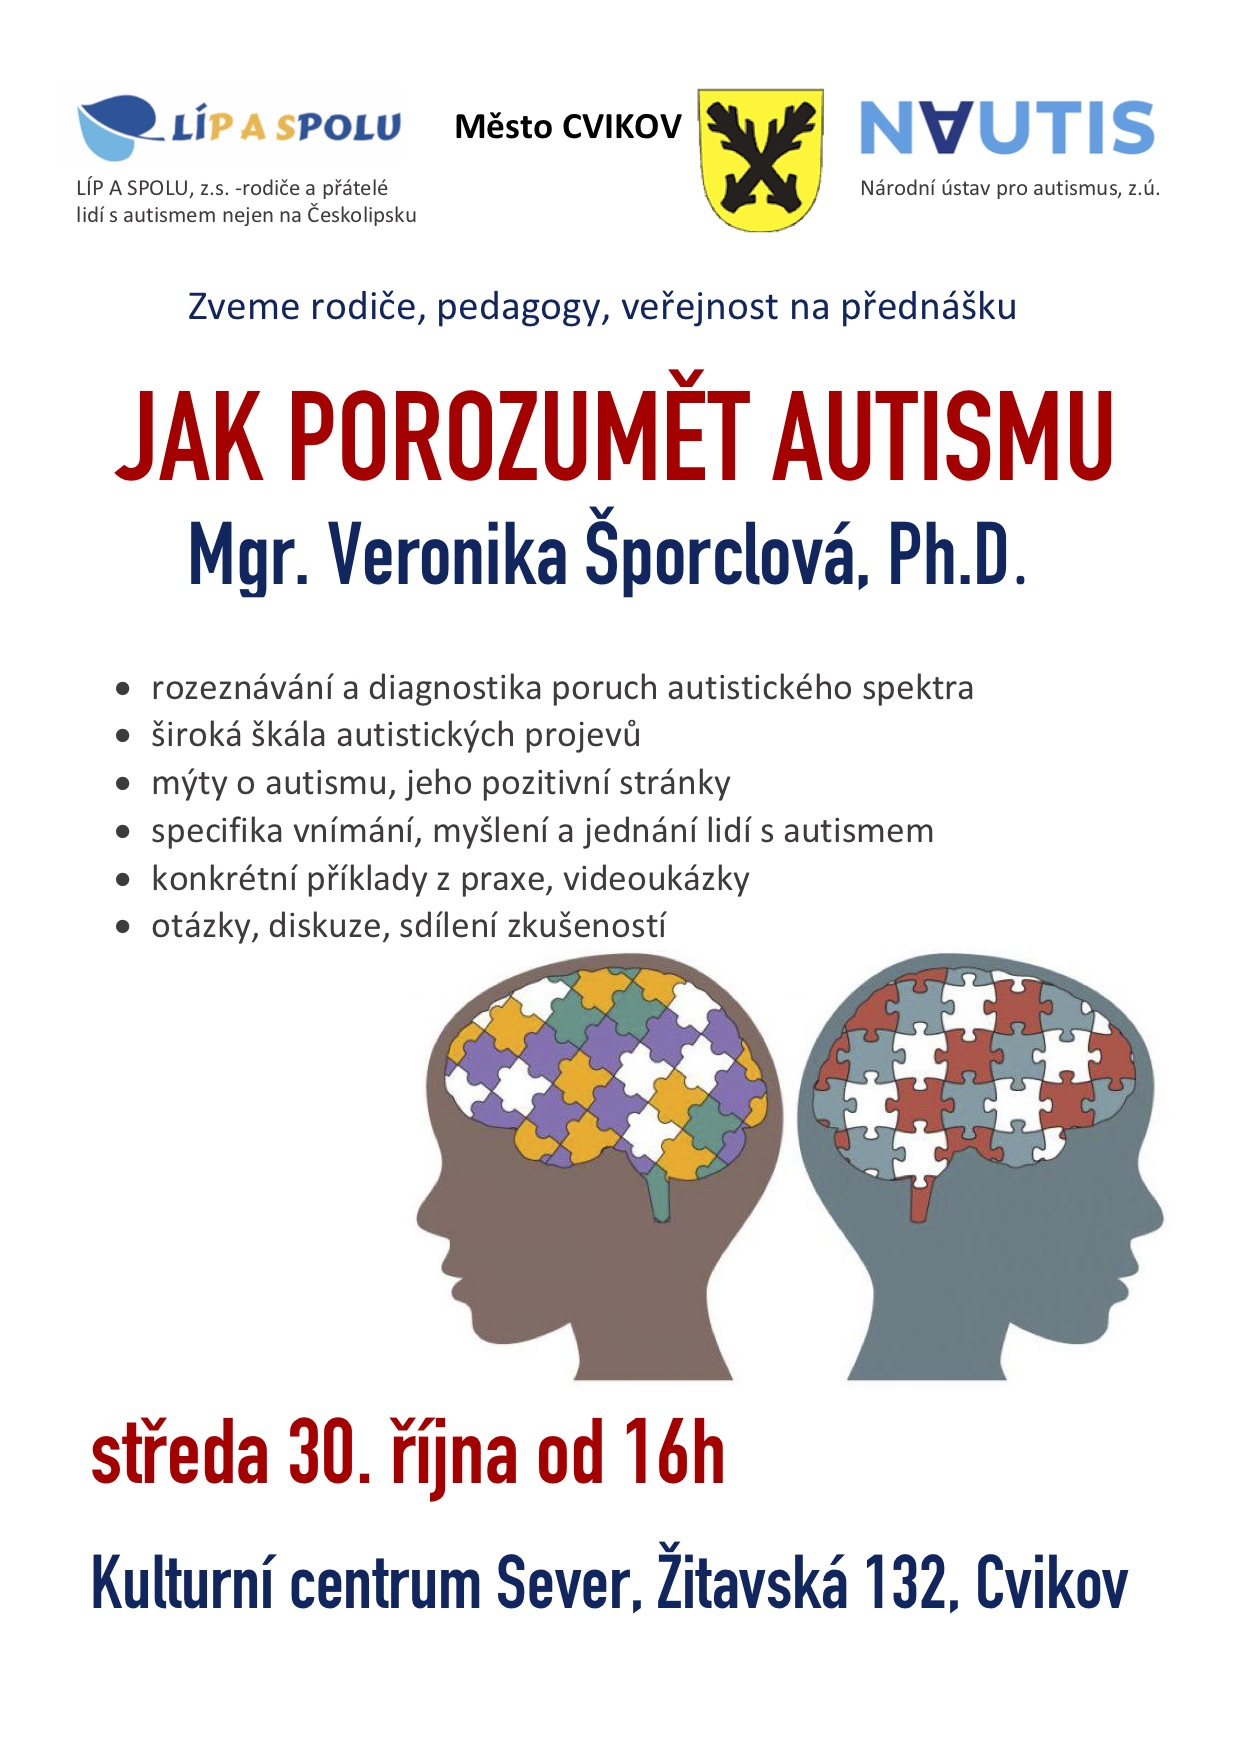 Jak porozumět autismu @ Kulturní centrum Sever